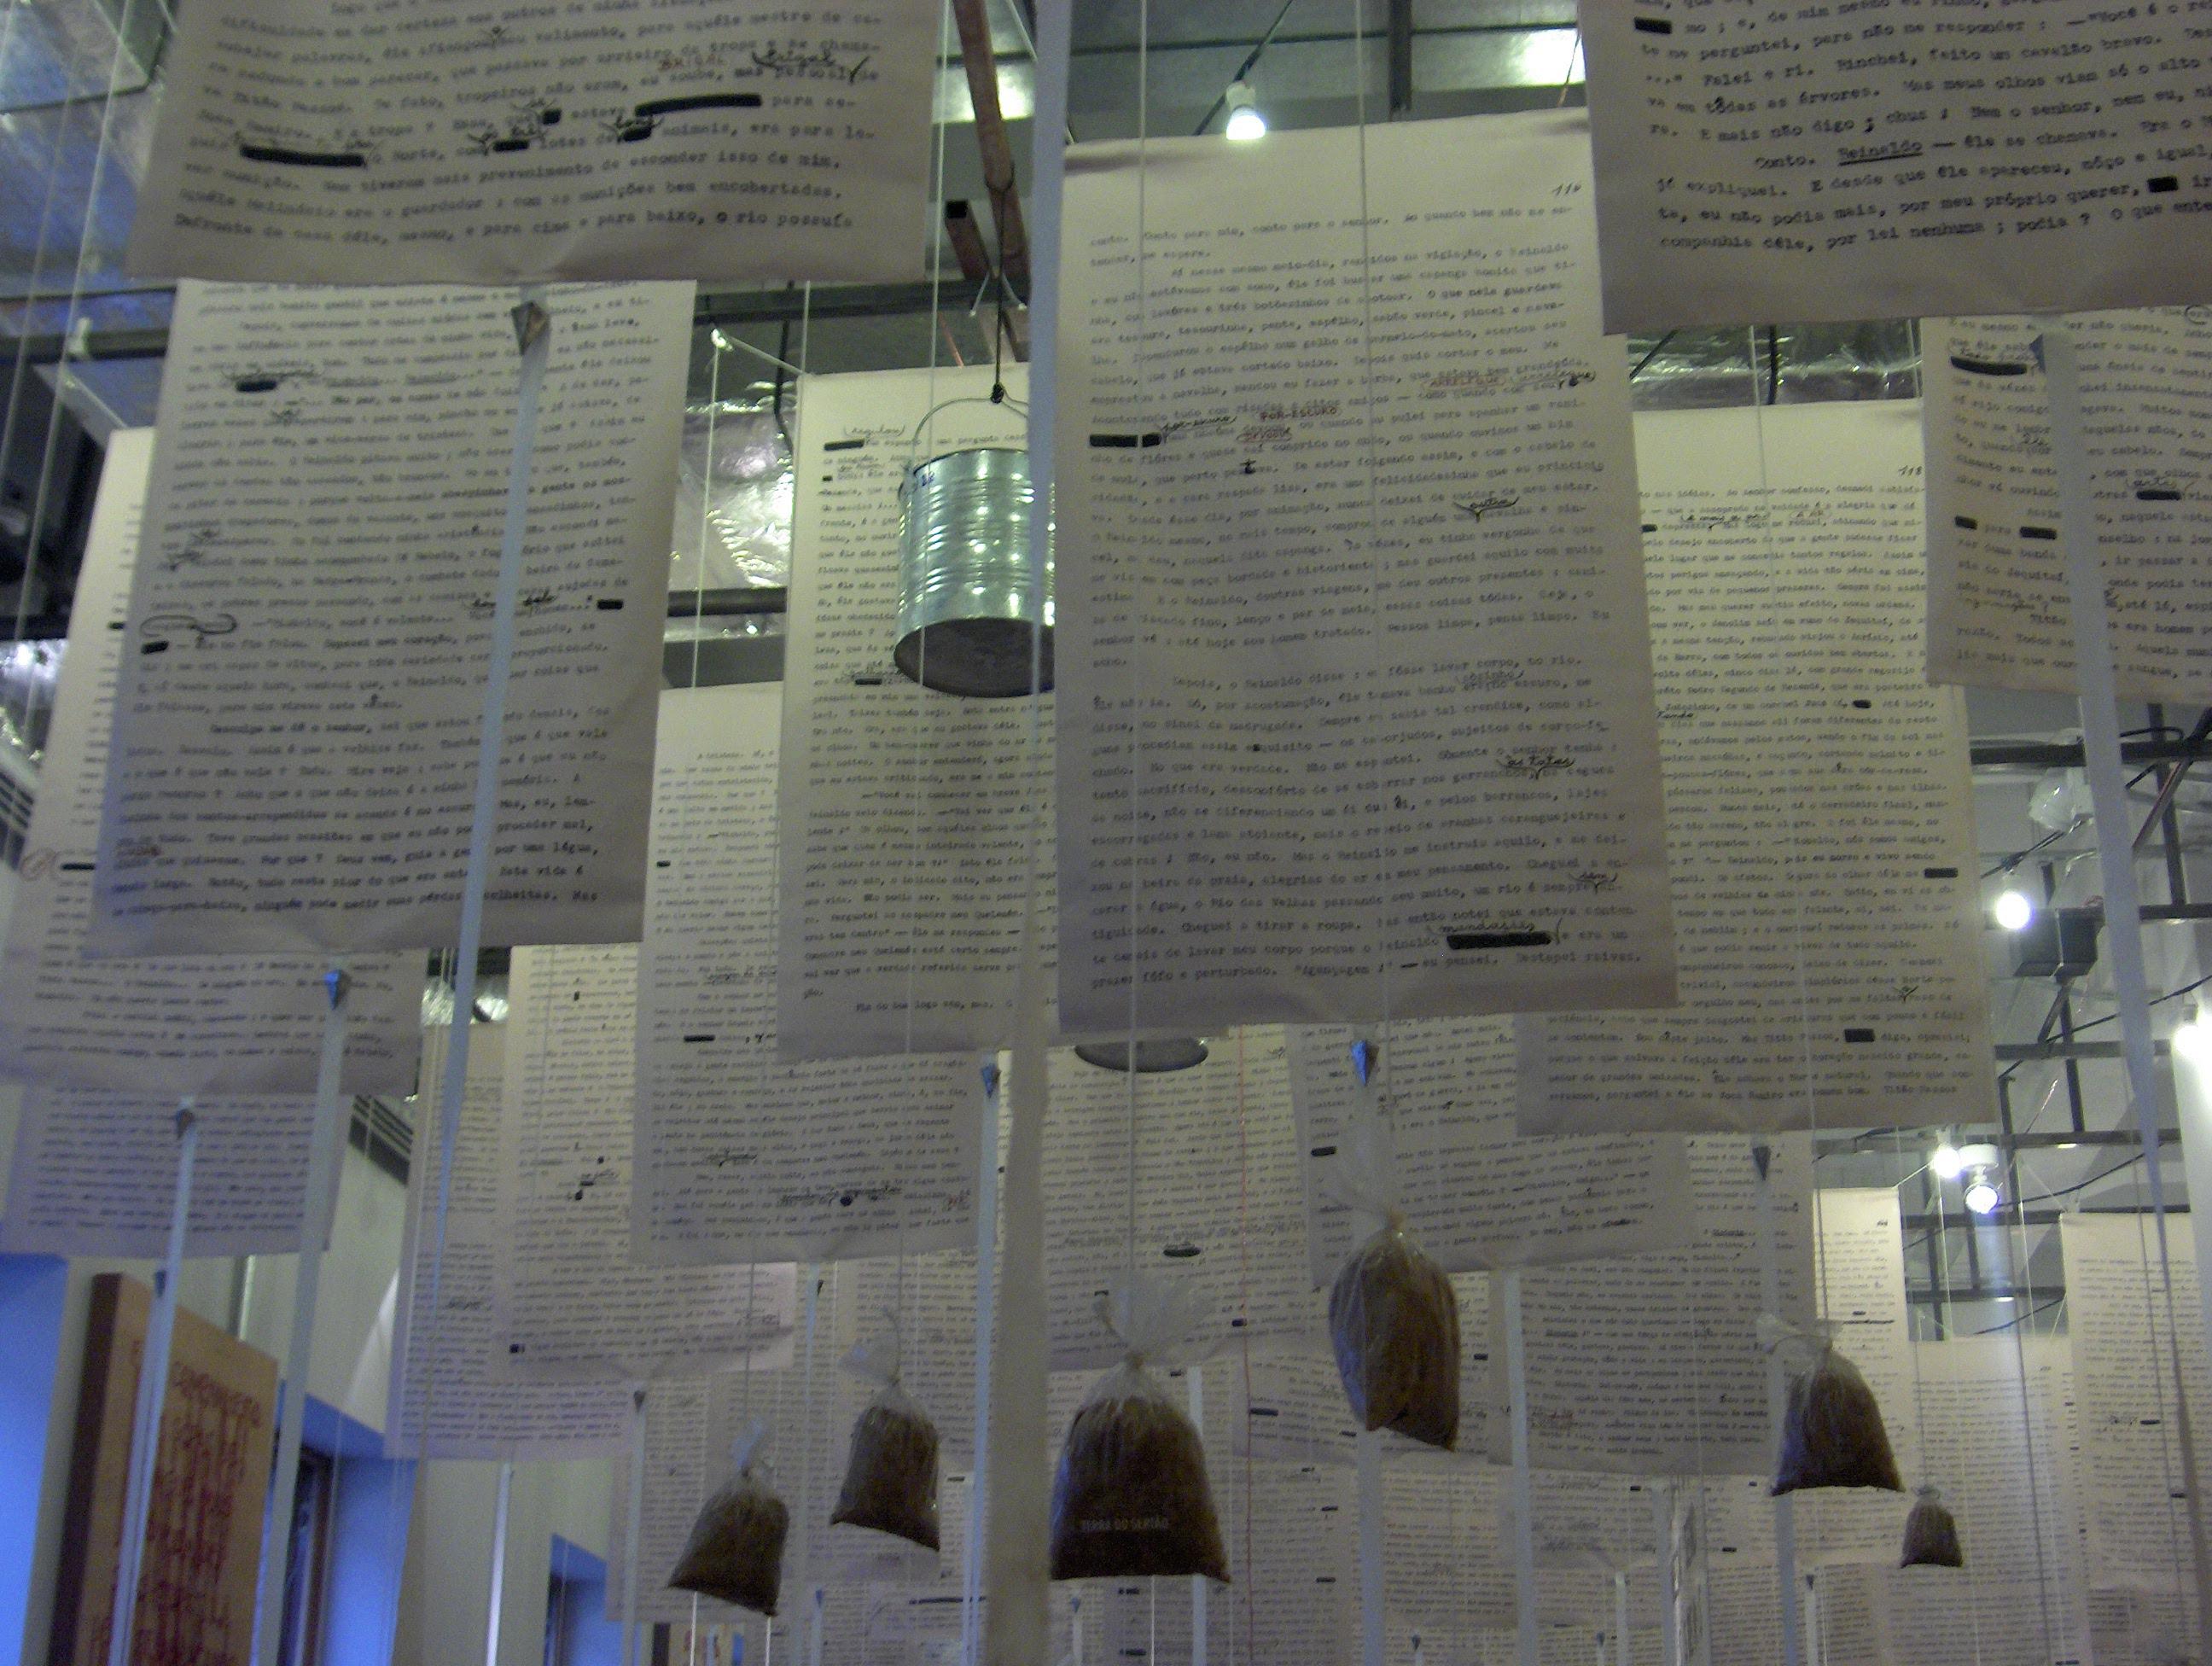 """Fotografia do interior do Museu da Língua Portuguesa, com vários """"banners"""" pendentes do teto, com com textos escritos."""